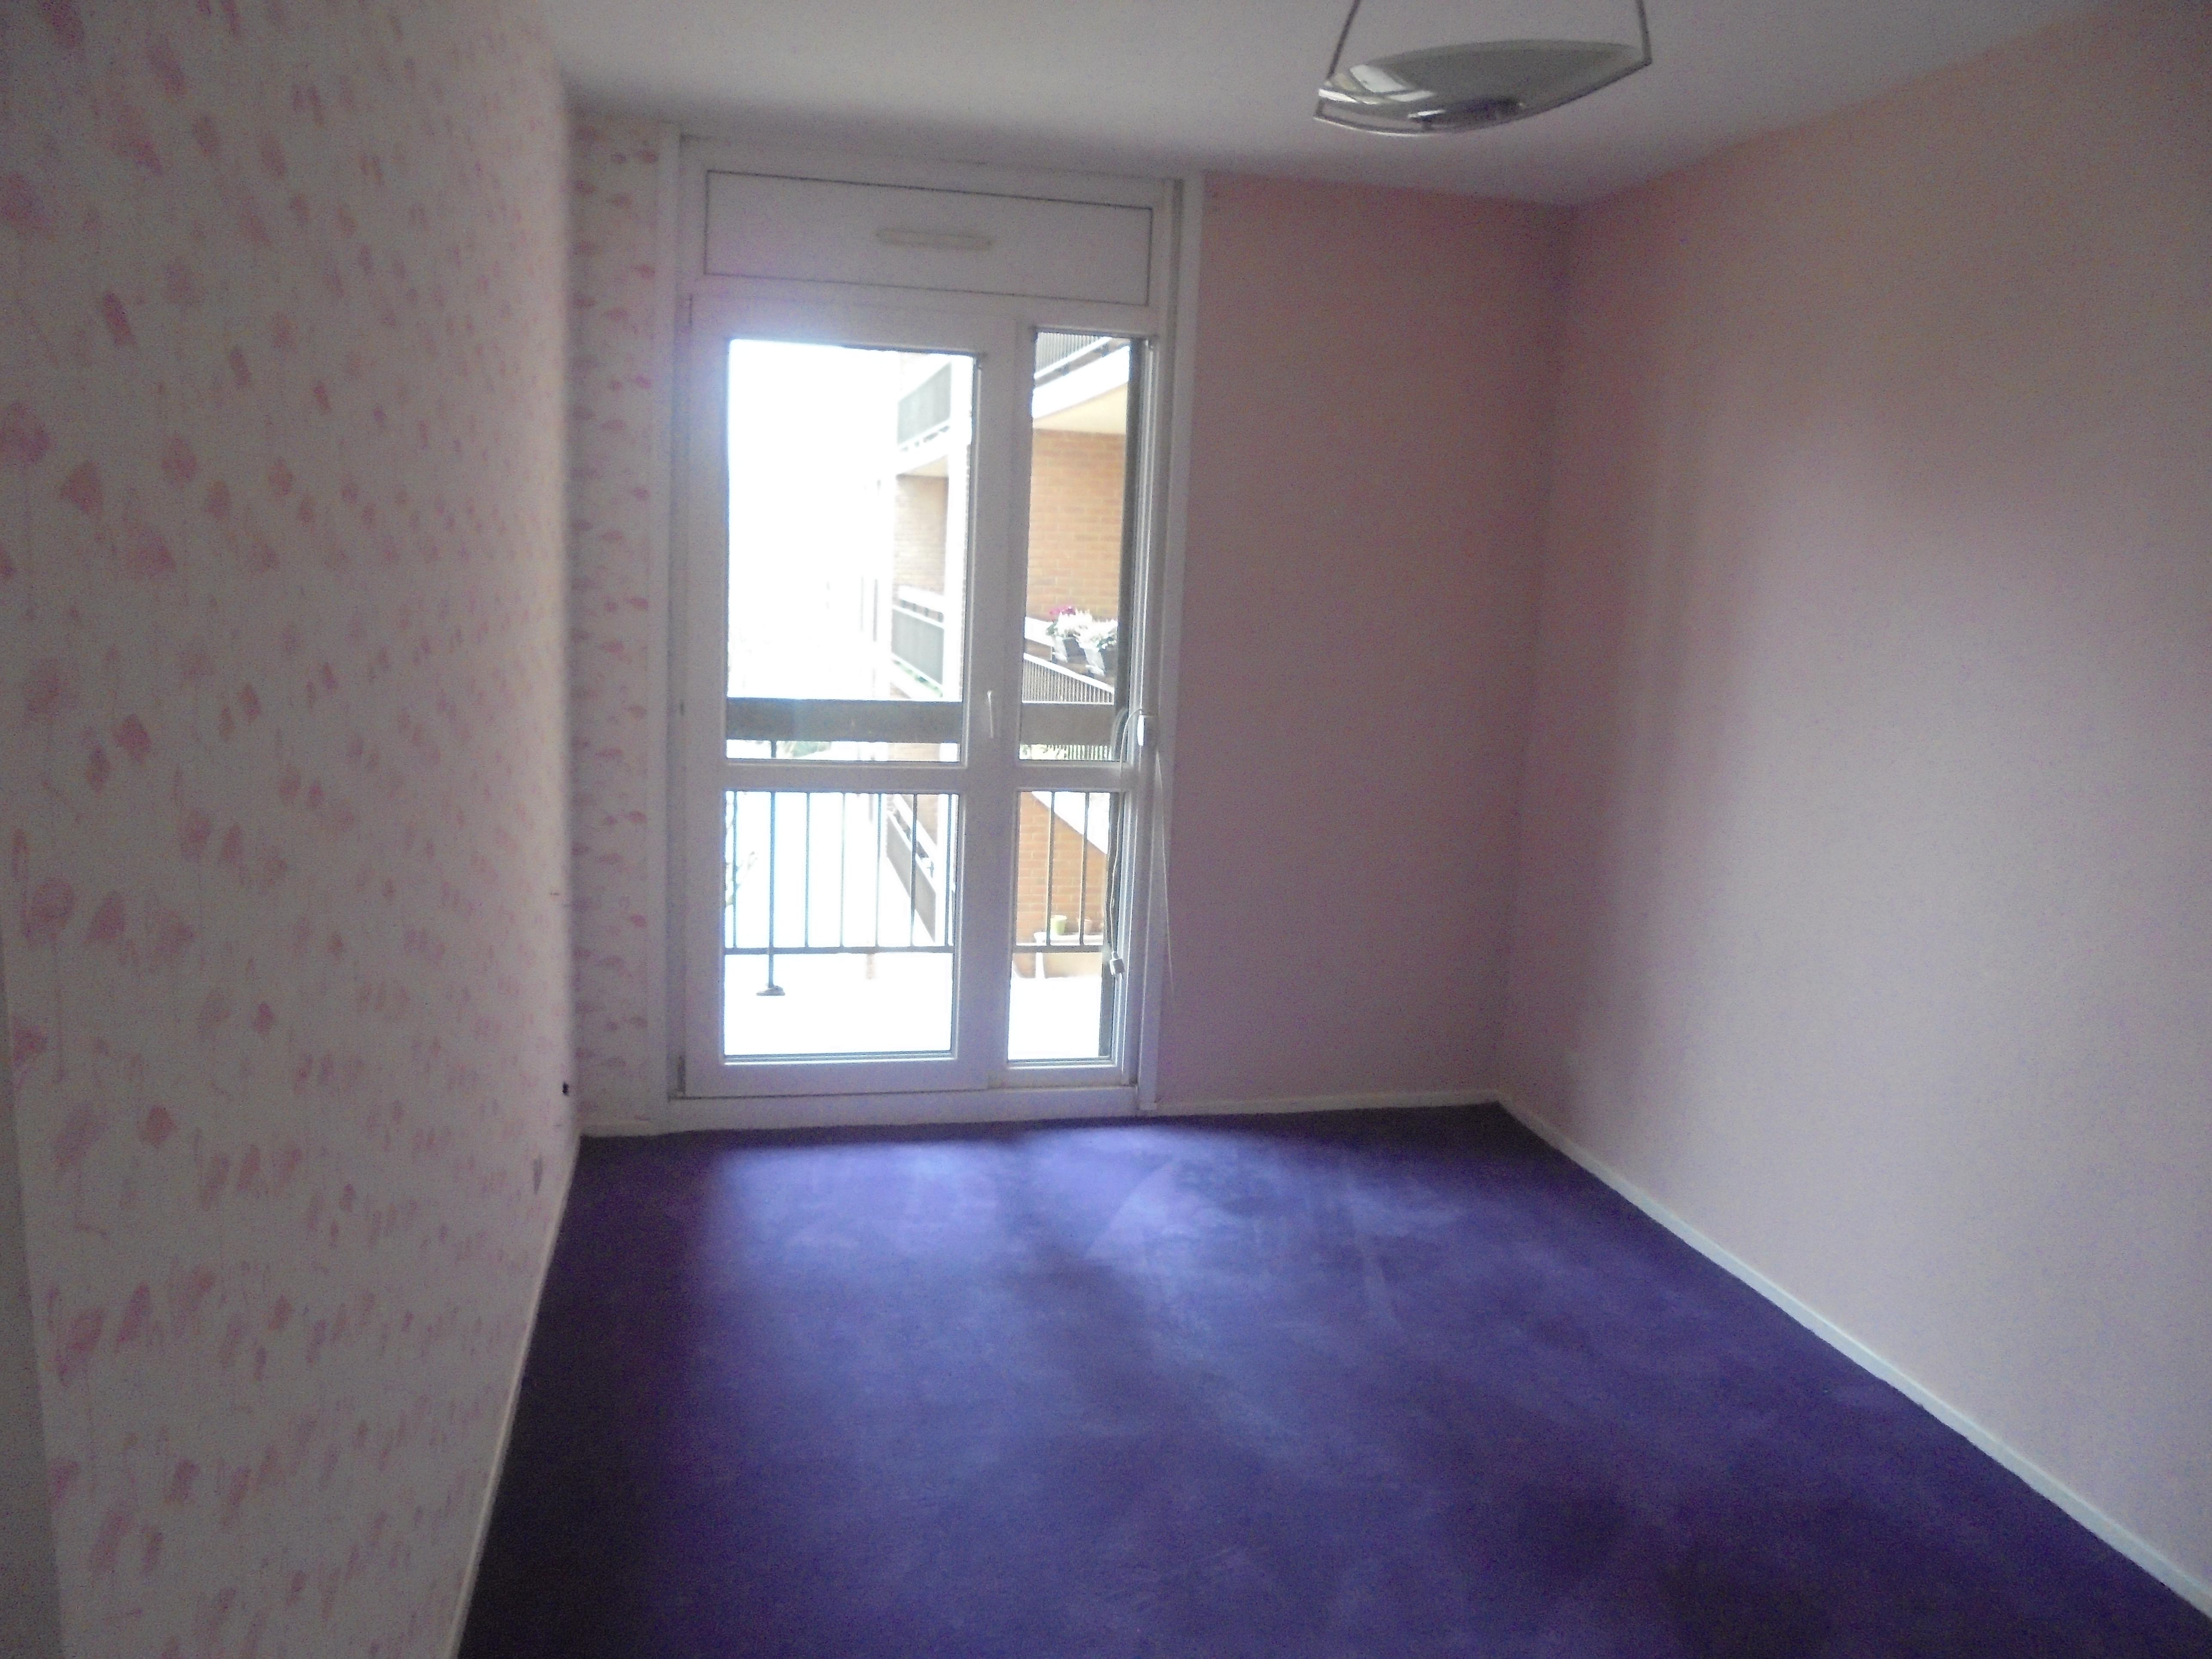 Rev tement de sol peinture d coration d 39 aujourd 39 hui for Revetement sol chambre